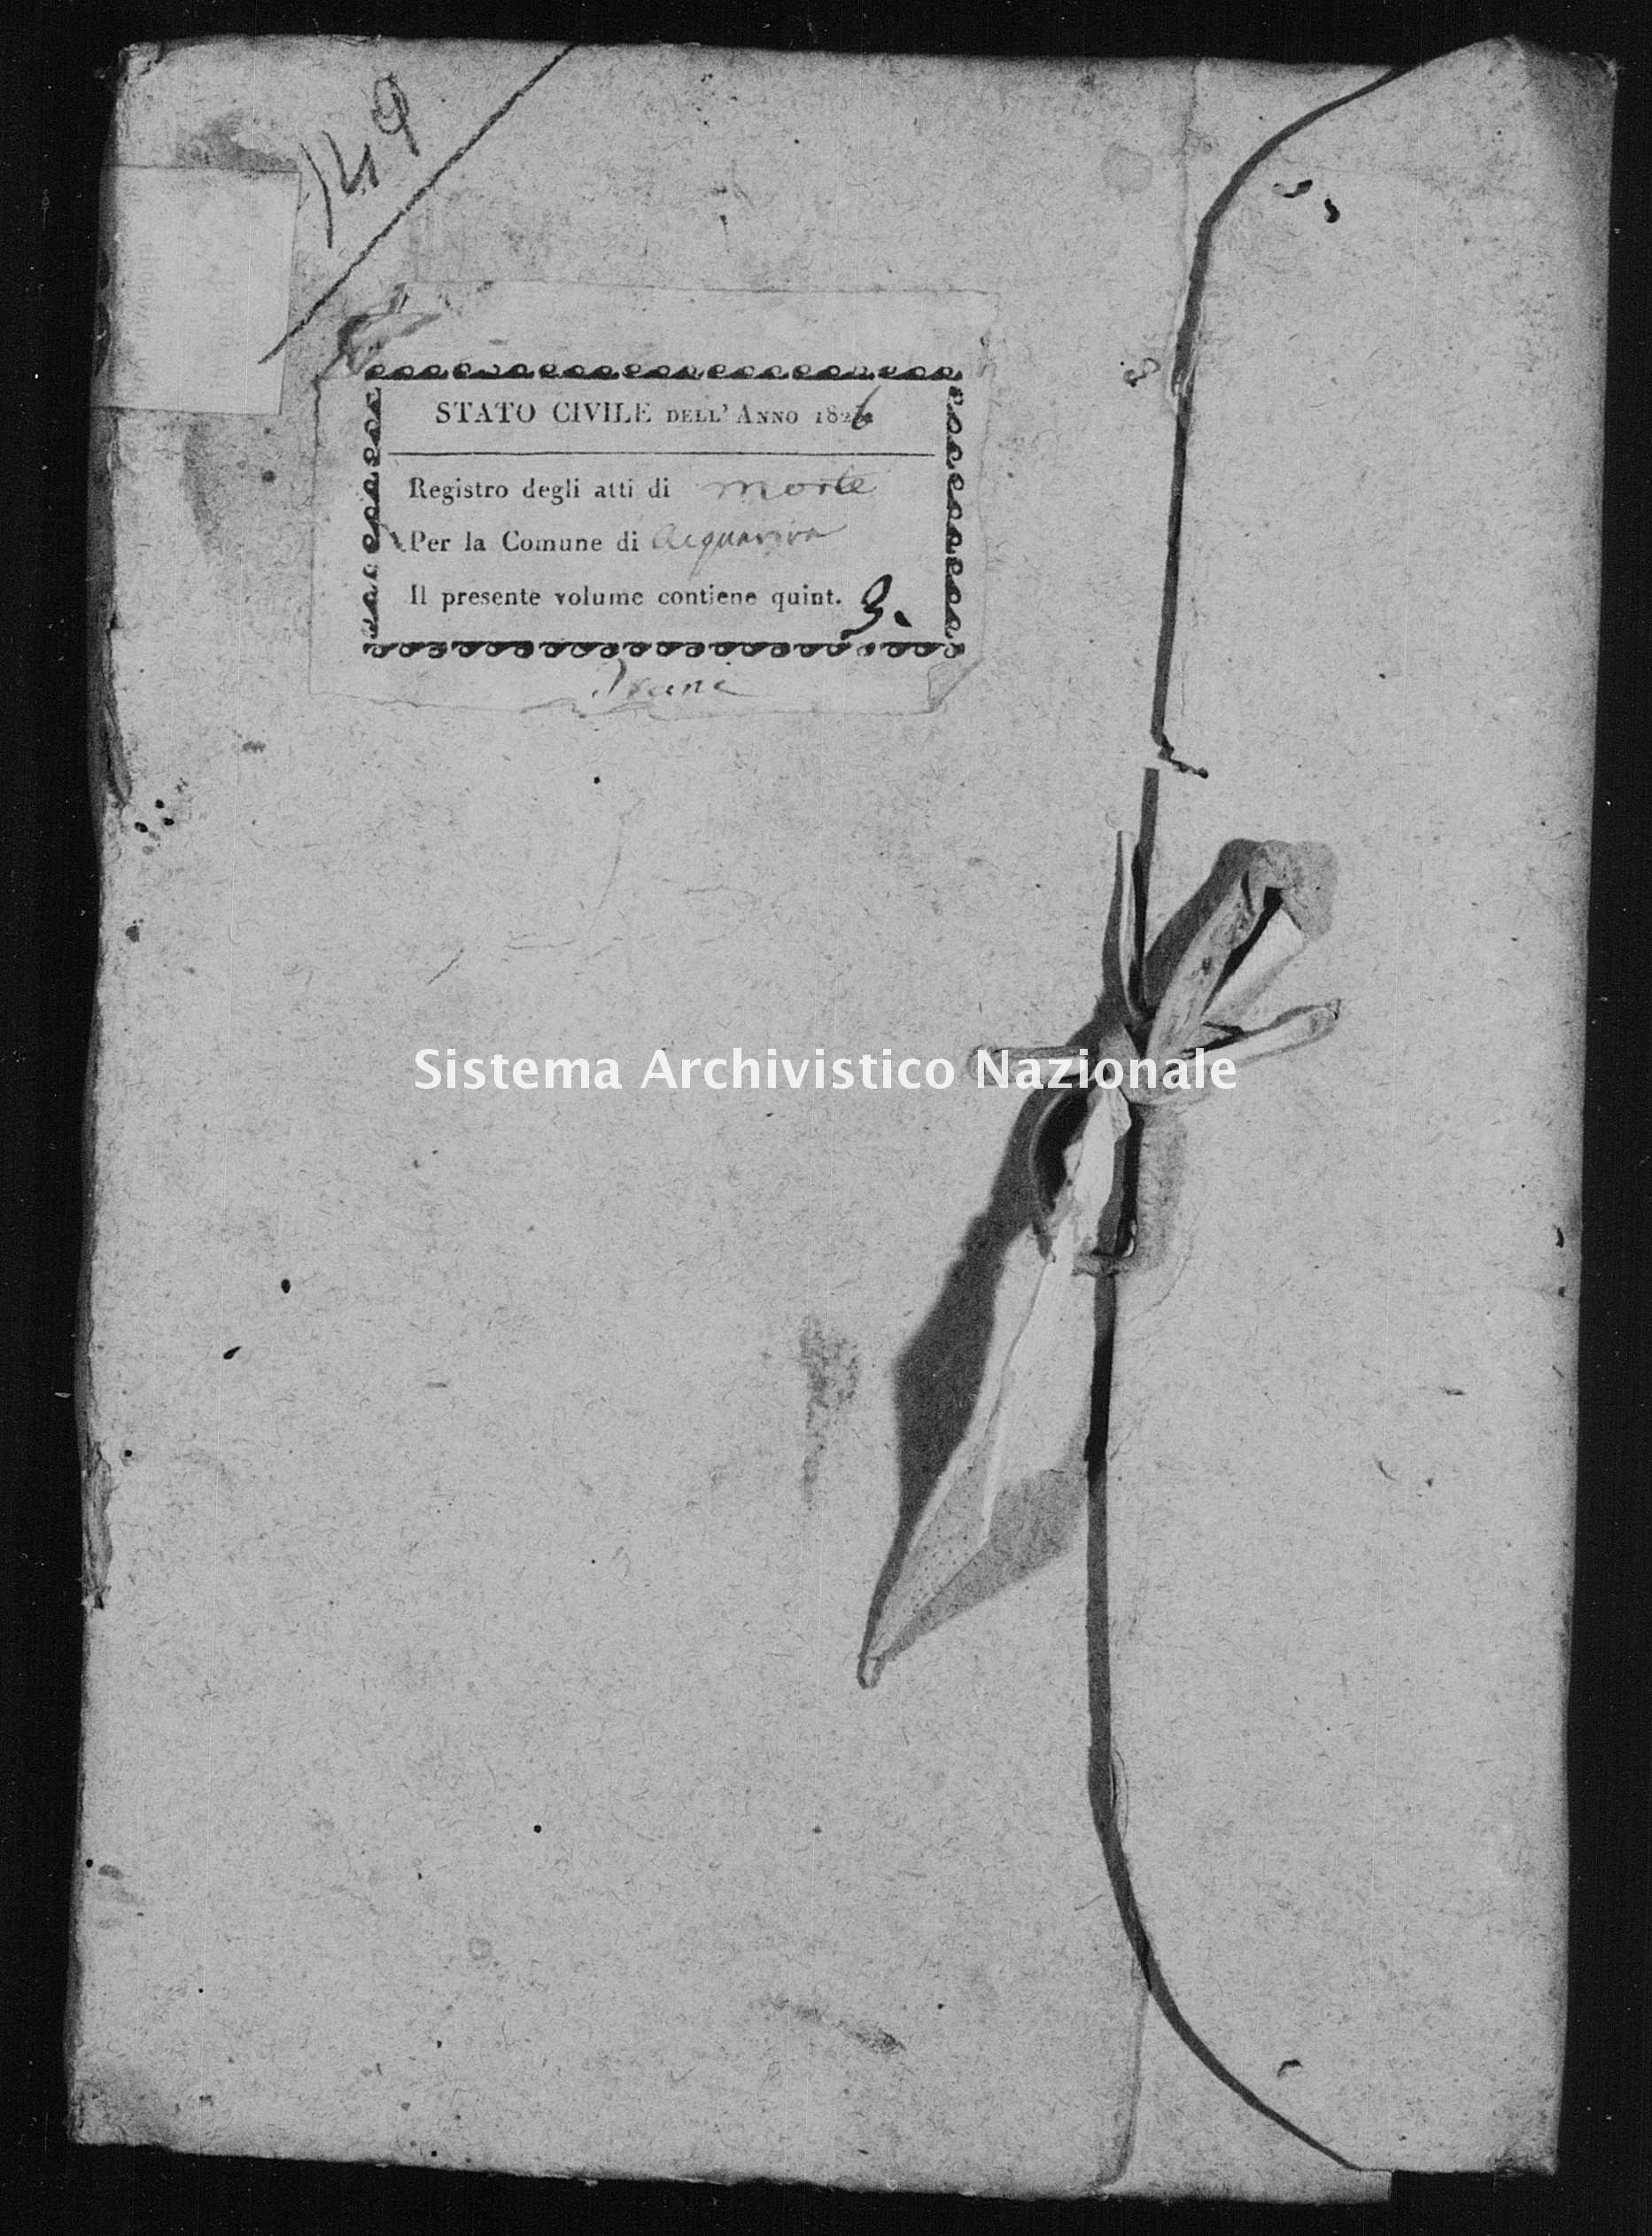 Archivio di stato di Bari - Stato civile della restaurazione - Acquaviva - Morti - 1826 -